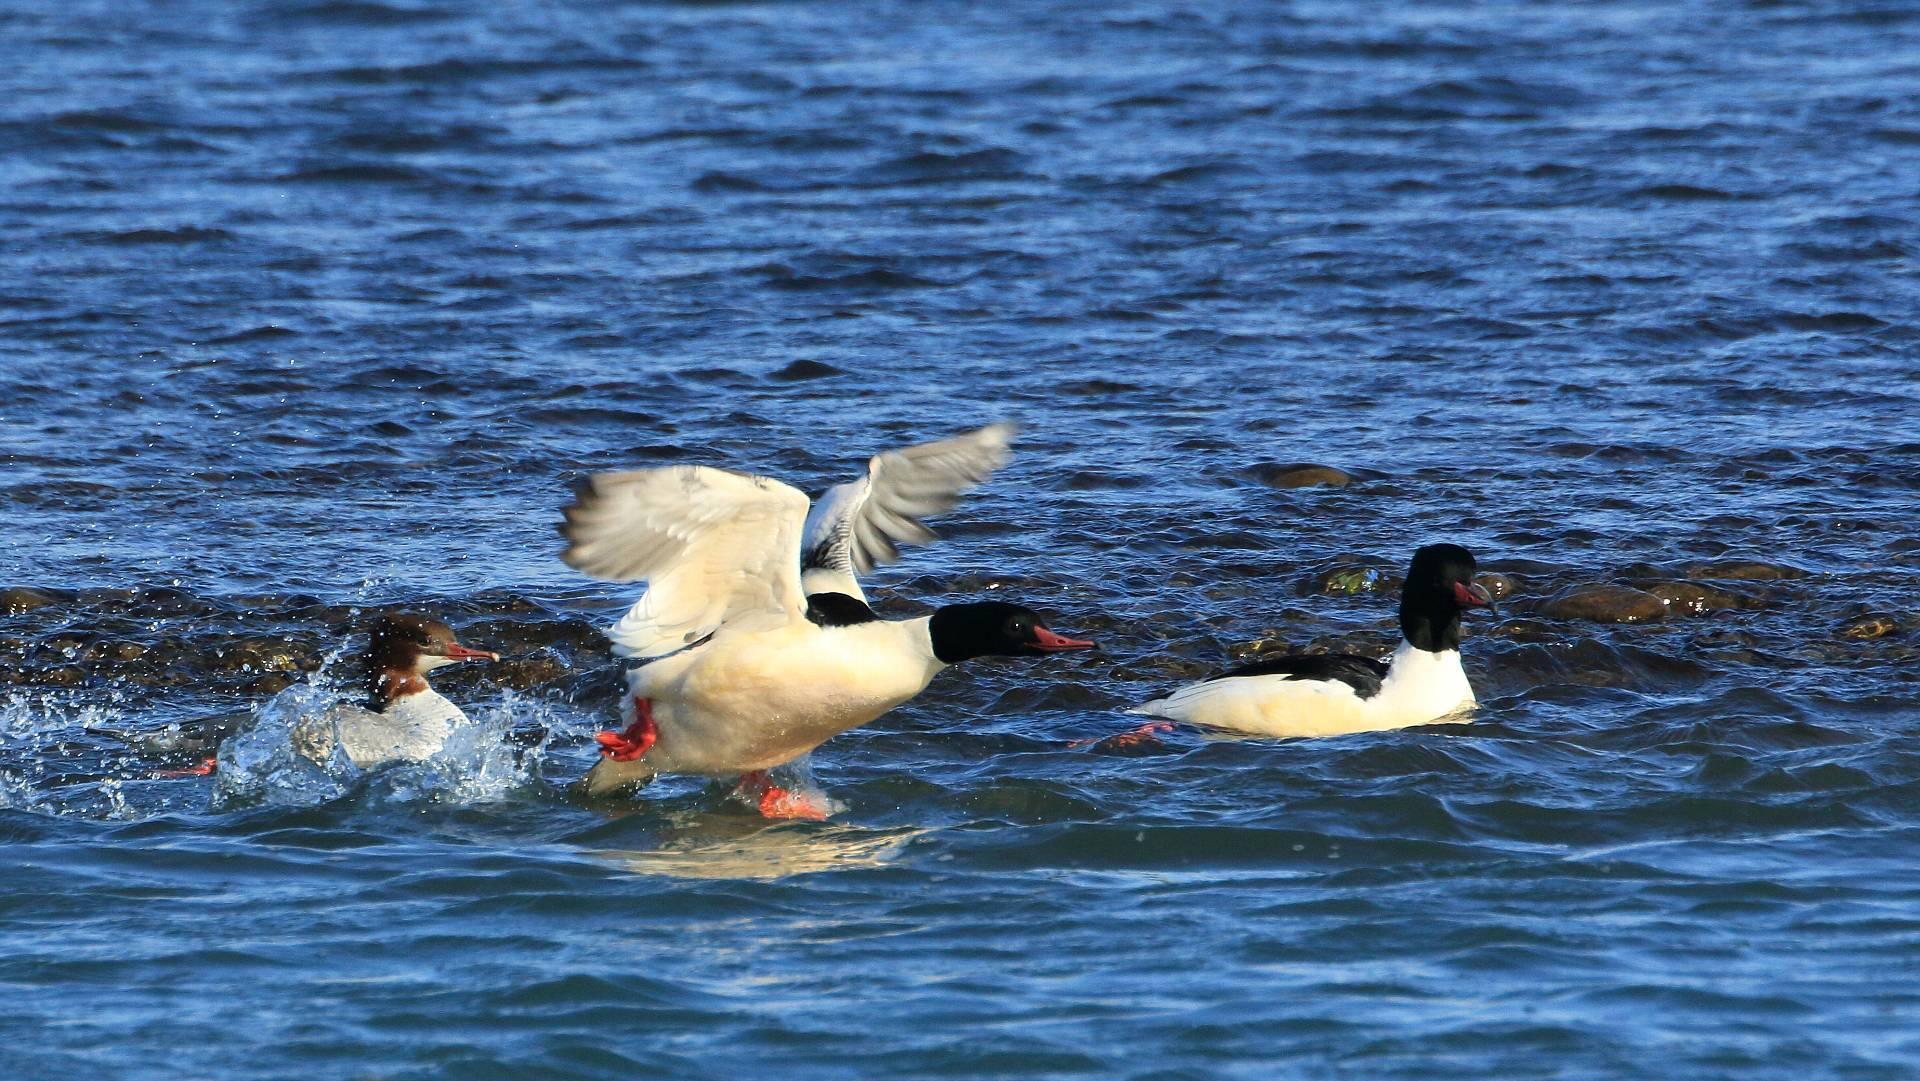 カワアイサの群れは14羽に増えてました!_f0105570_16532852.jpg